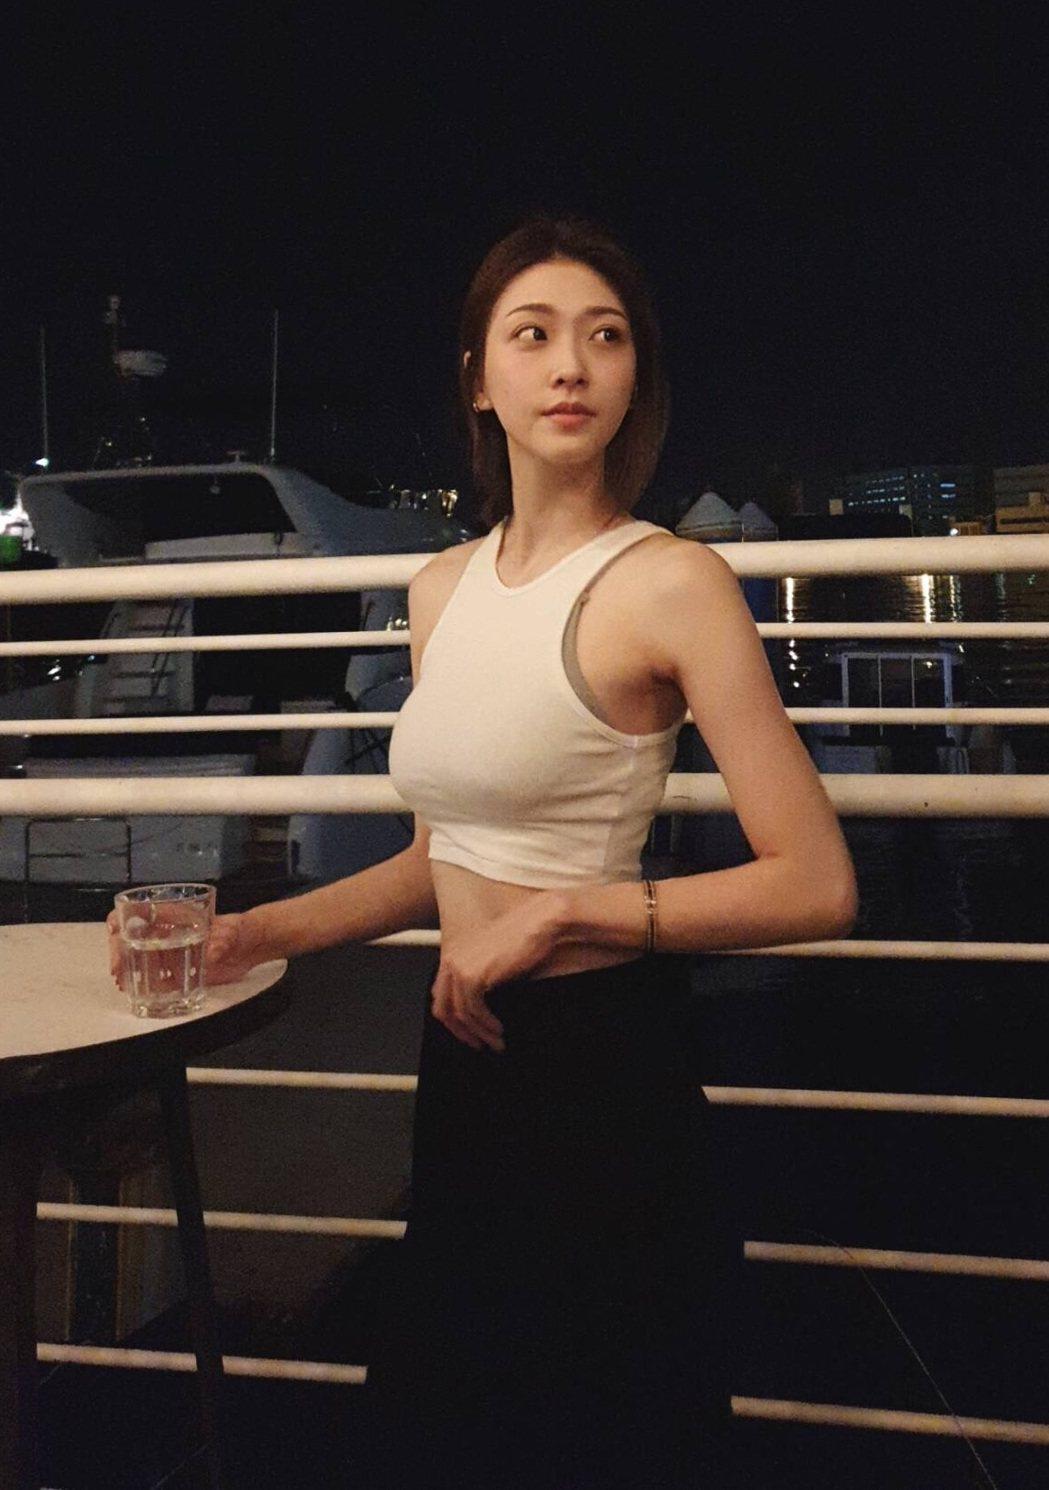 胡祖薇皮膚白皙、身材姣好。圖/風雅國際娛樂提供